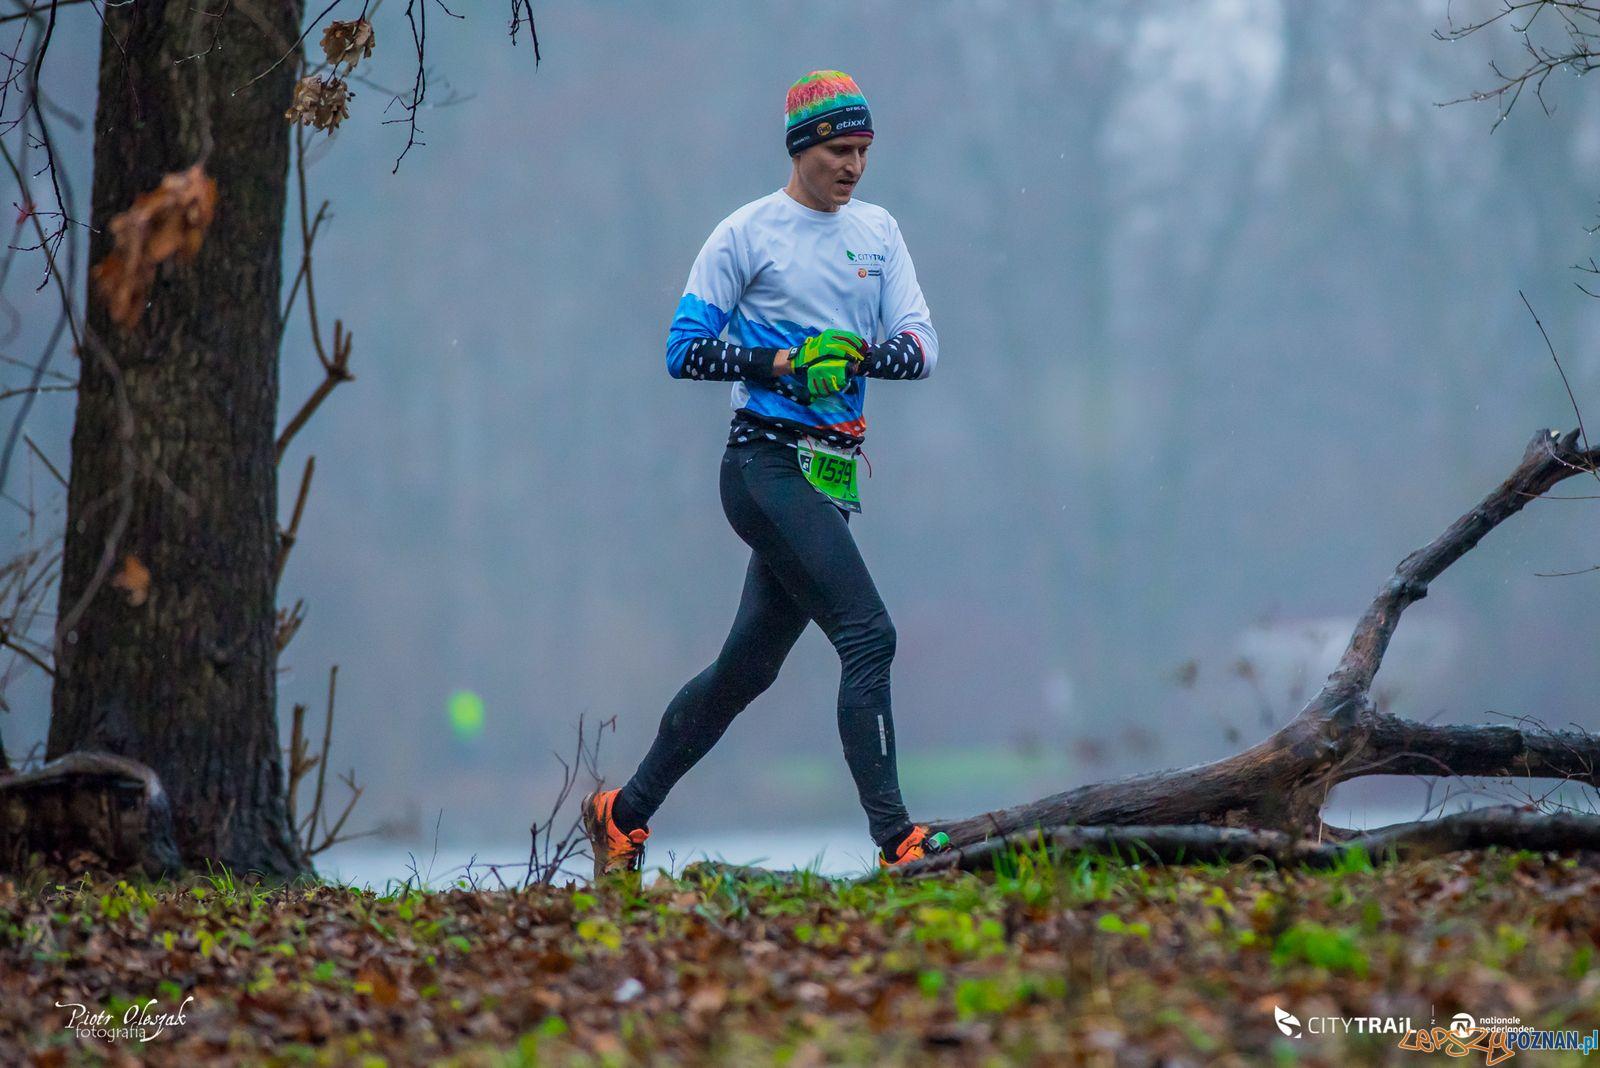 City Trail - bieganie nad Rusałką  Foto: Piotr Oleszak / materiały prasowe